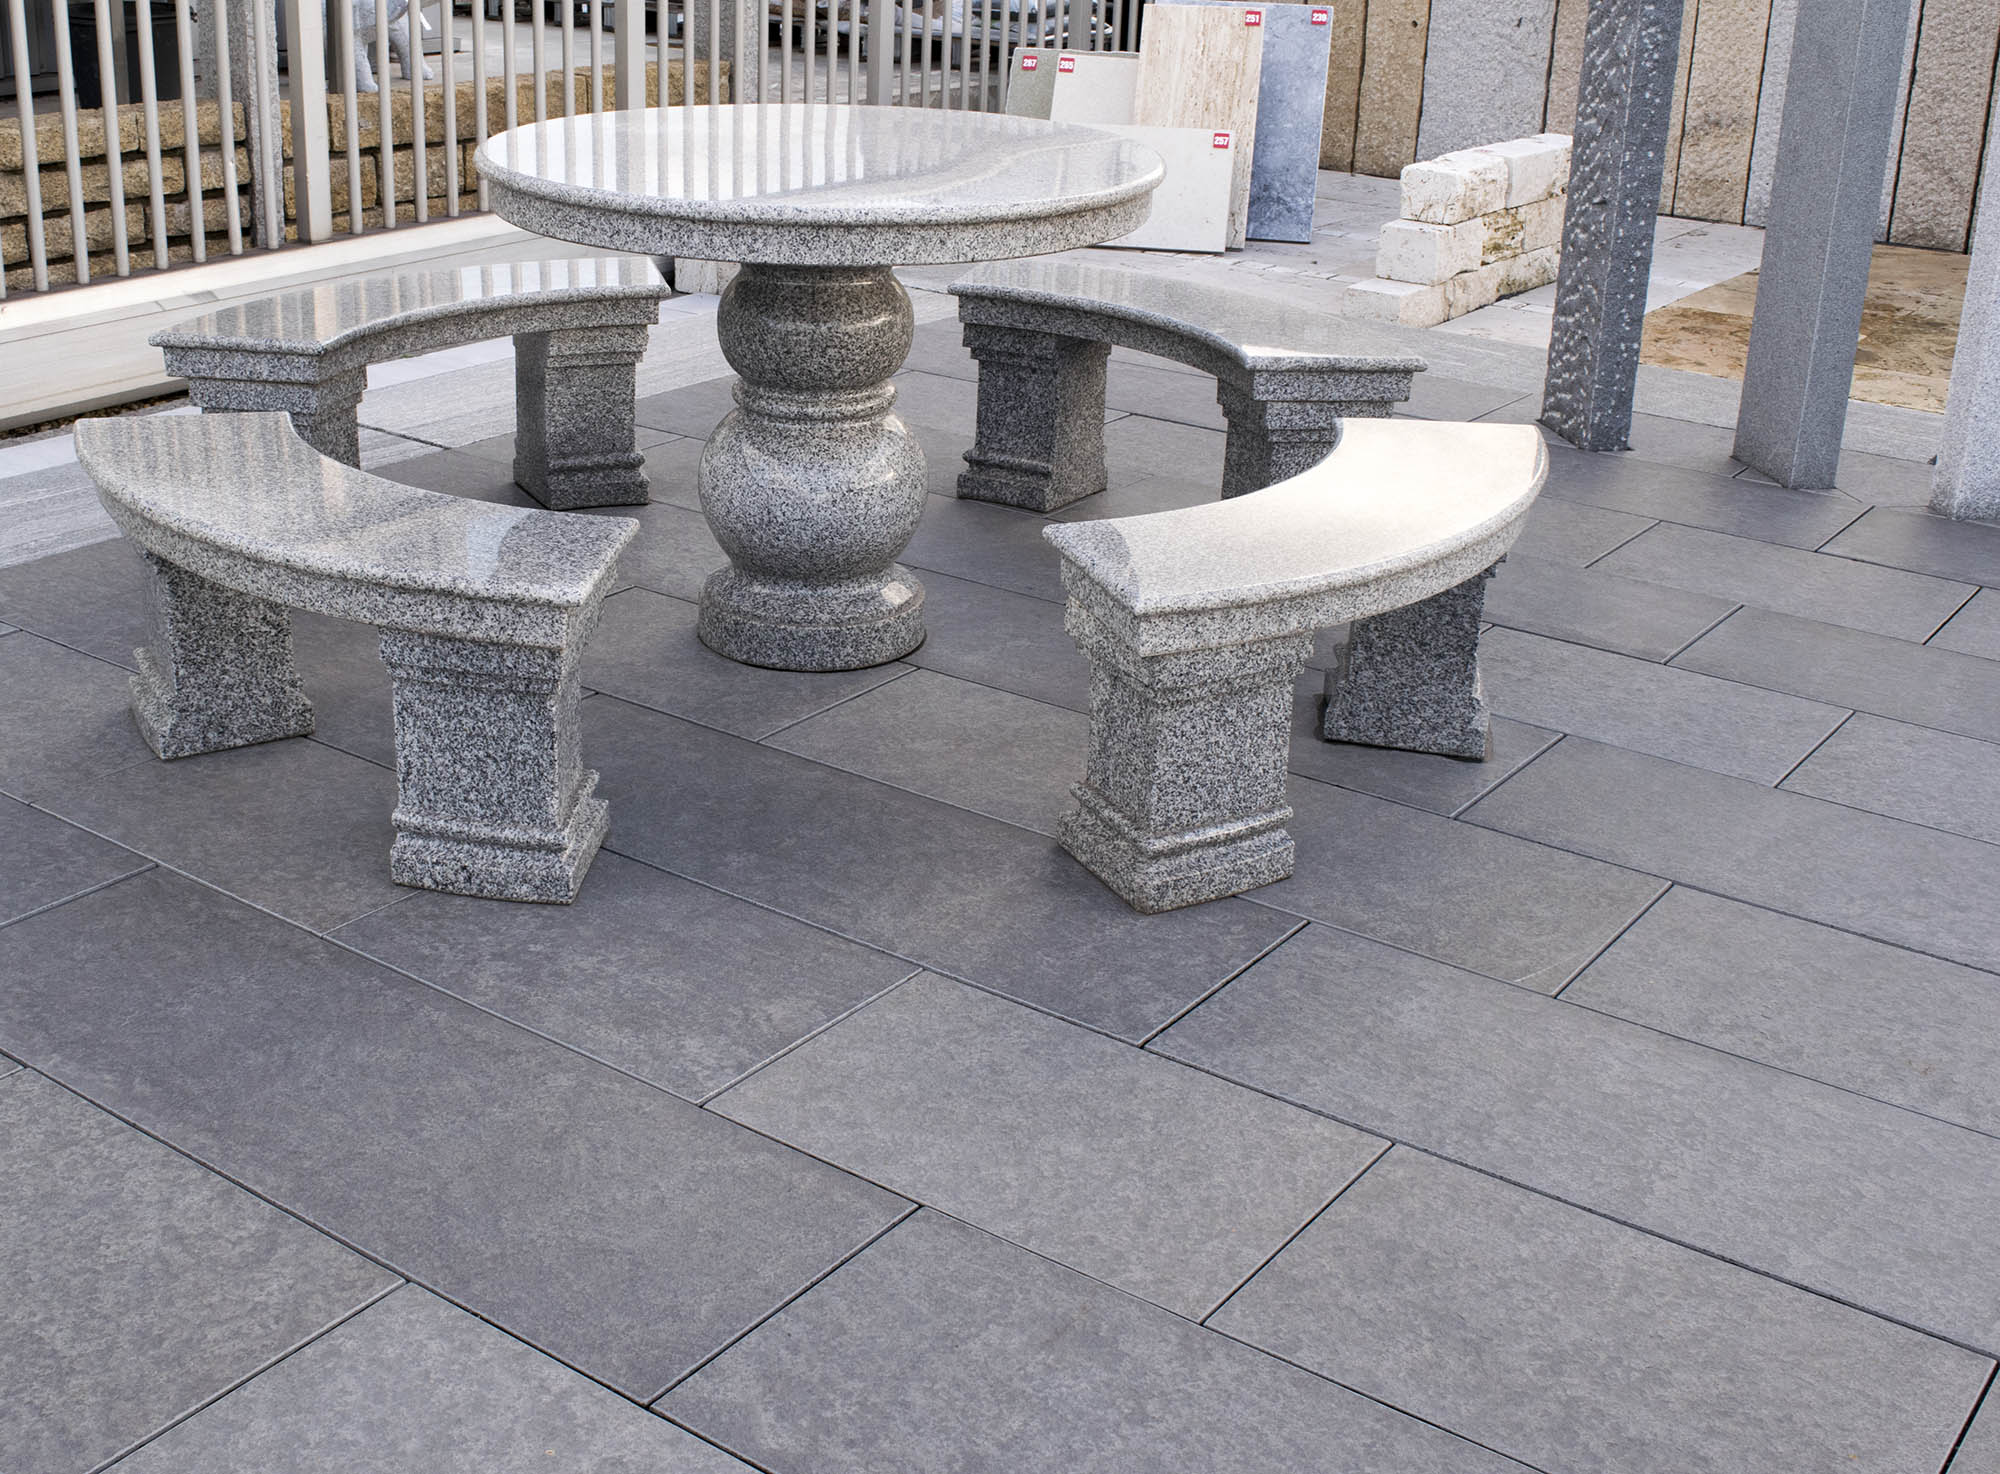 terrassenplatten basalt<br>geflammt & gebürstet (naturstein baumaterial)